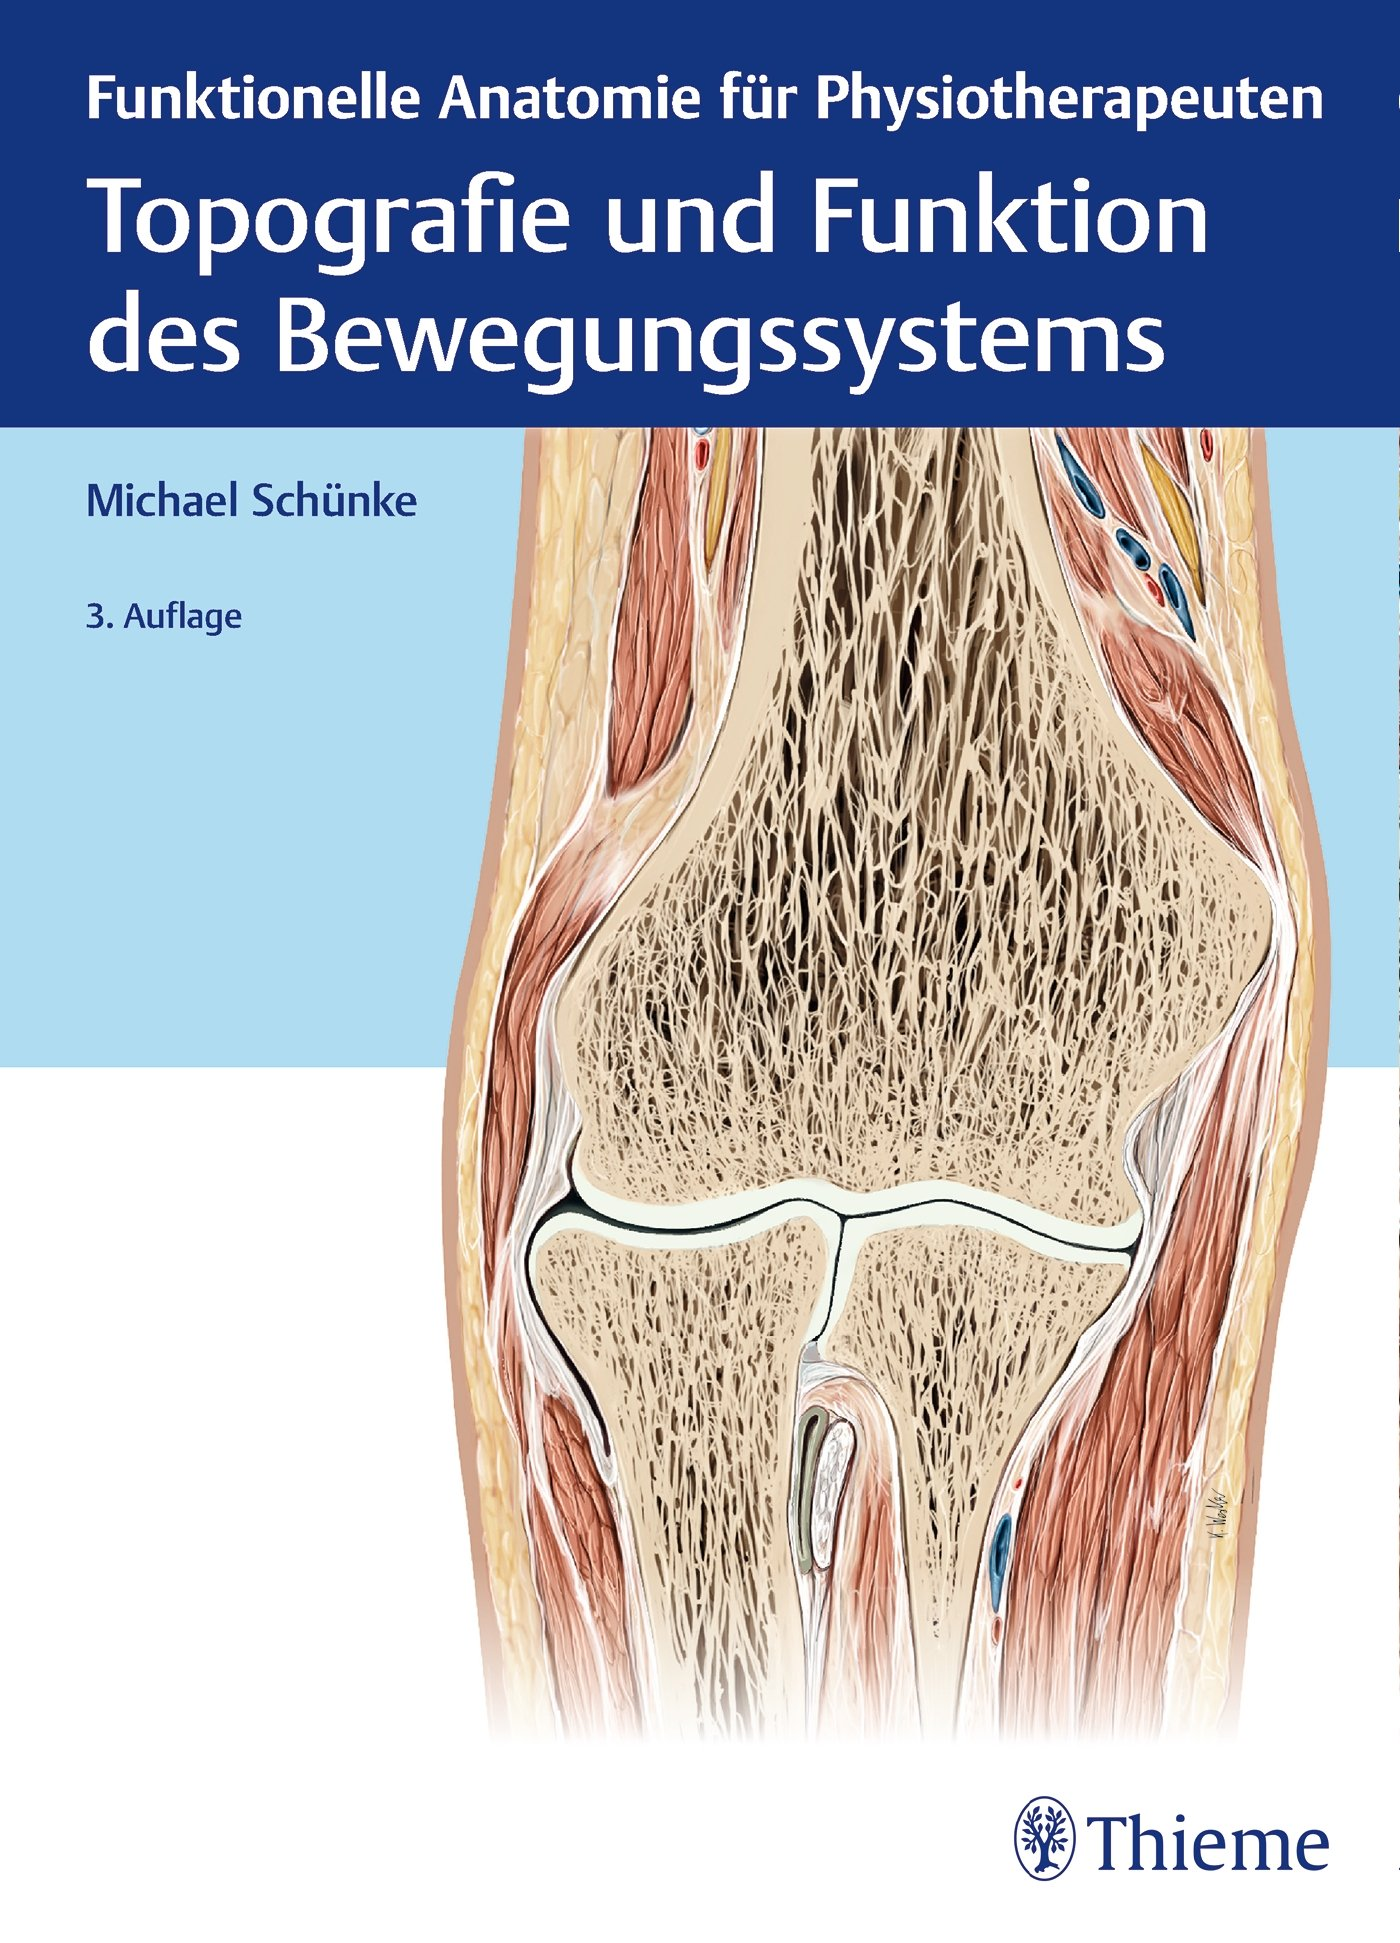 Topografie und Funktion des Bewegungssystems: Funktionelle Anatomie ...